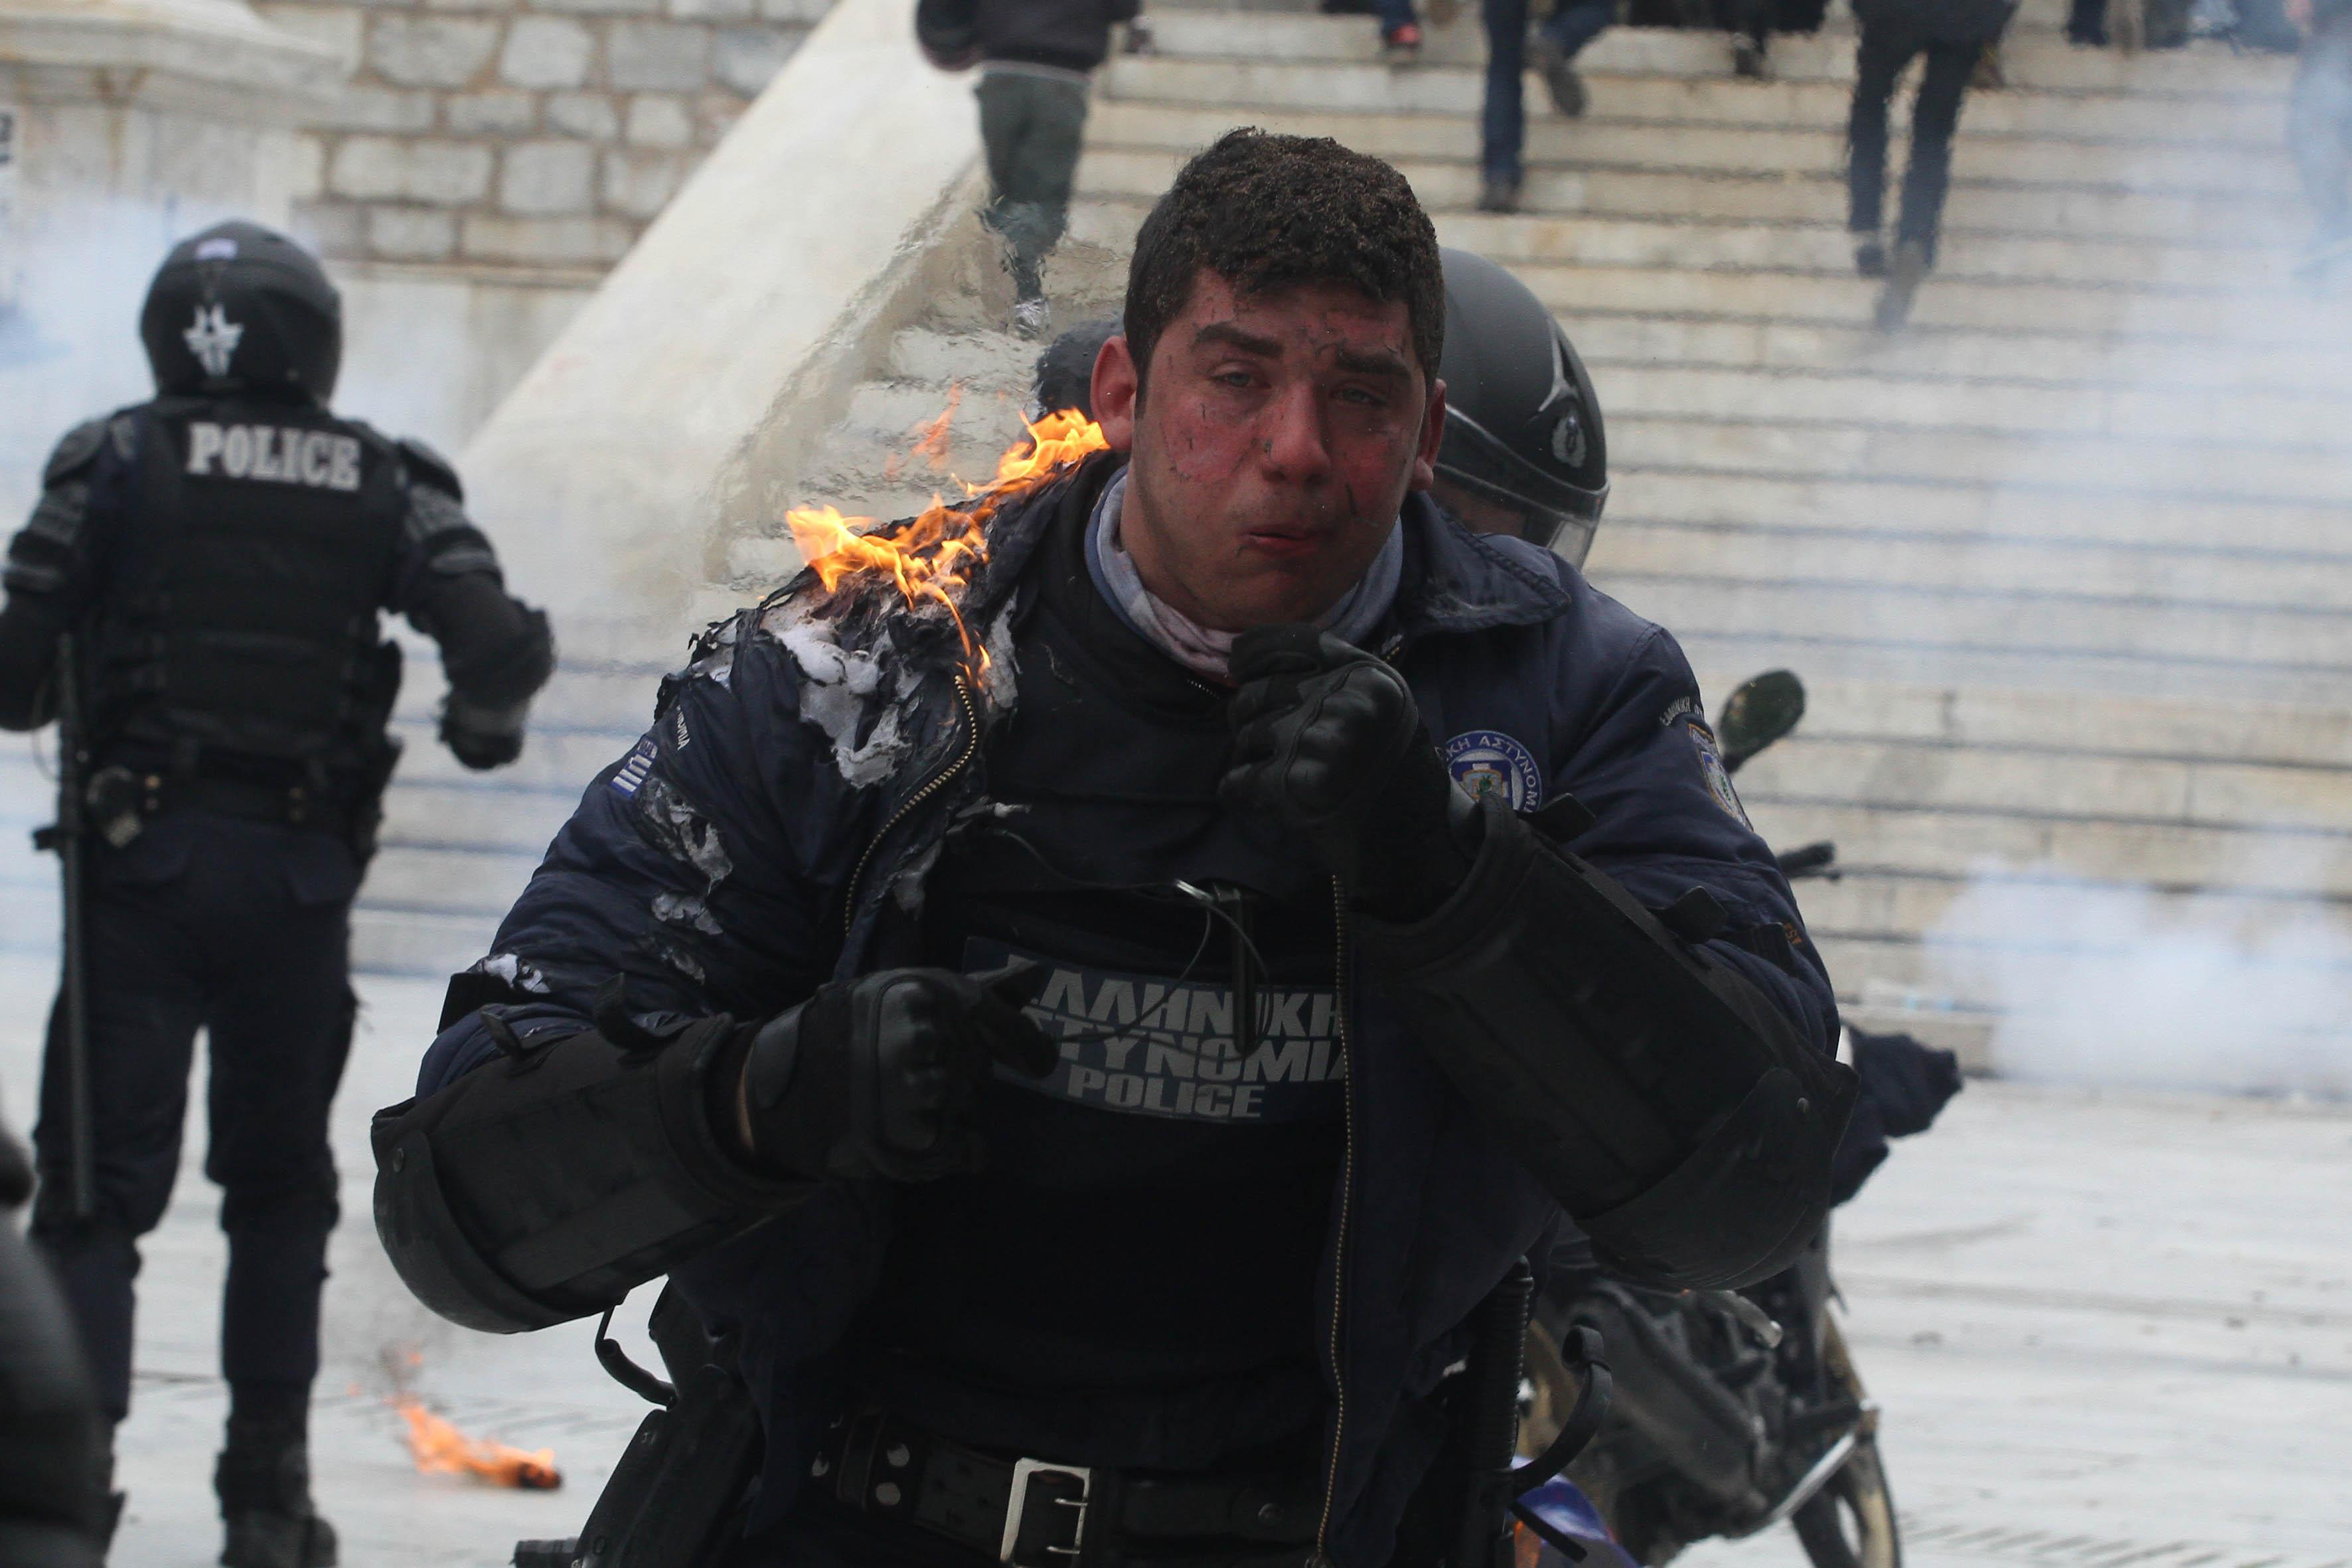 Ο αστυνομικός λίγο αφού δέχτηκε τη βόμβα μολότωφ - ΦΩΤΟ EUROKINISSI